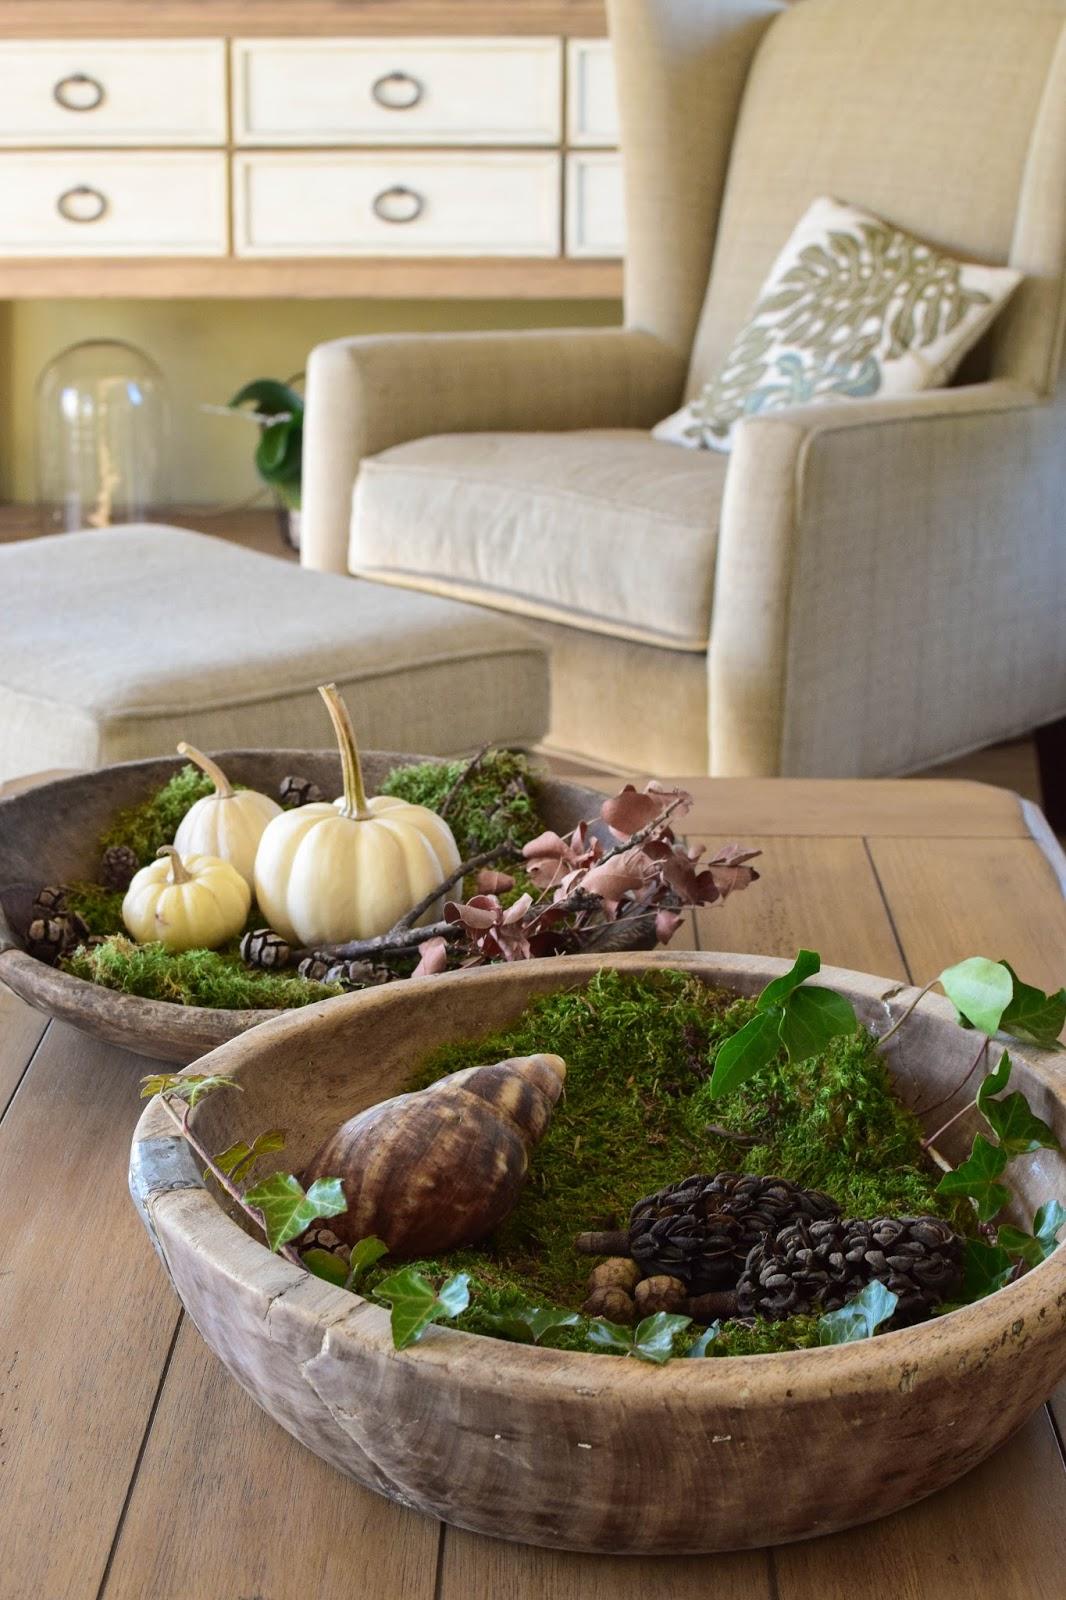 Deko mit Kürbis, Moos, Zapfen und Natur für Herbst und Winter. Dekoideen, Dekoration und Ideen für eine natürliche Deko in der Schale, Dekoschale